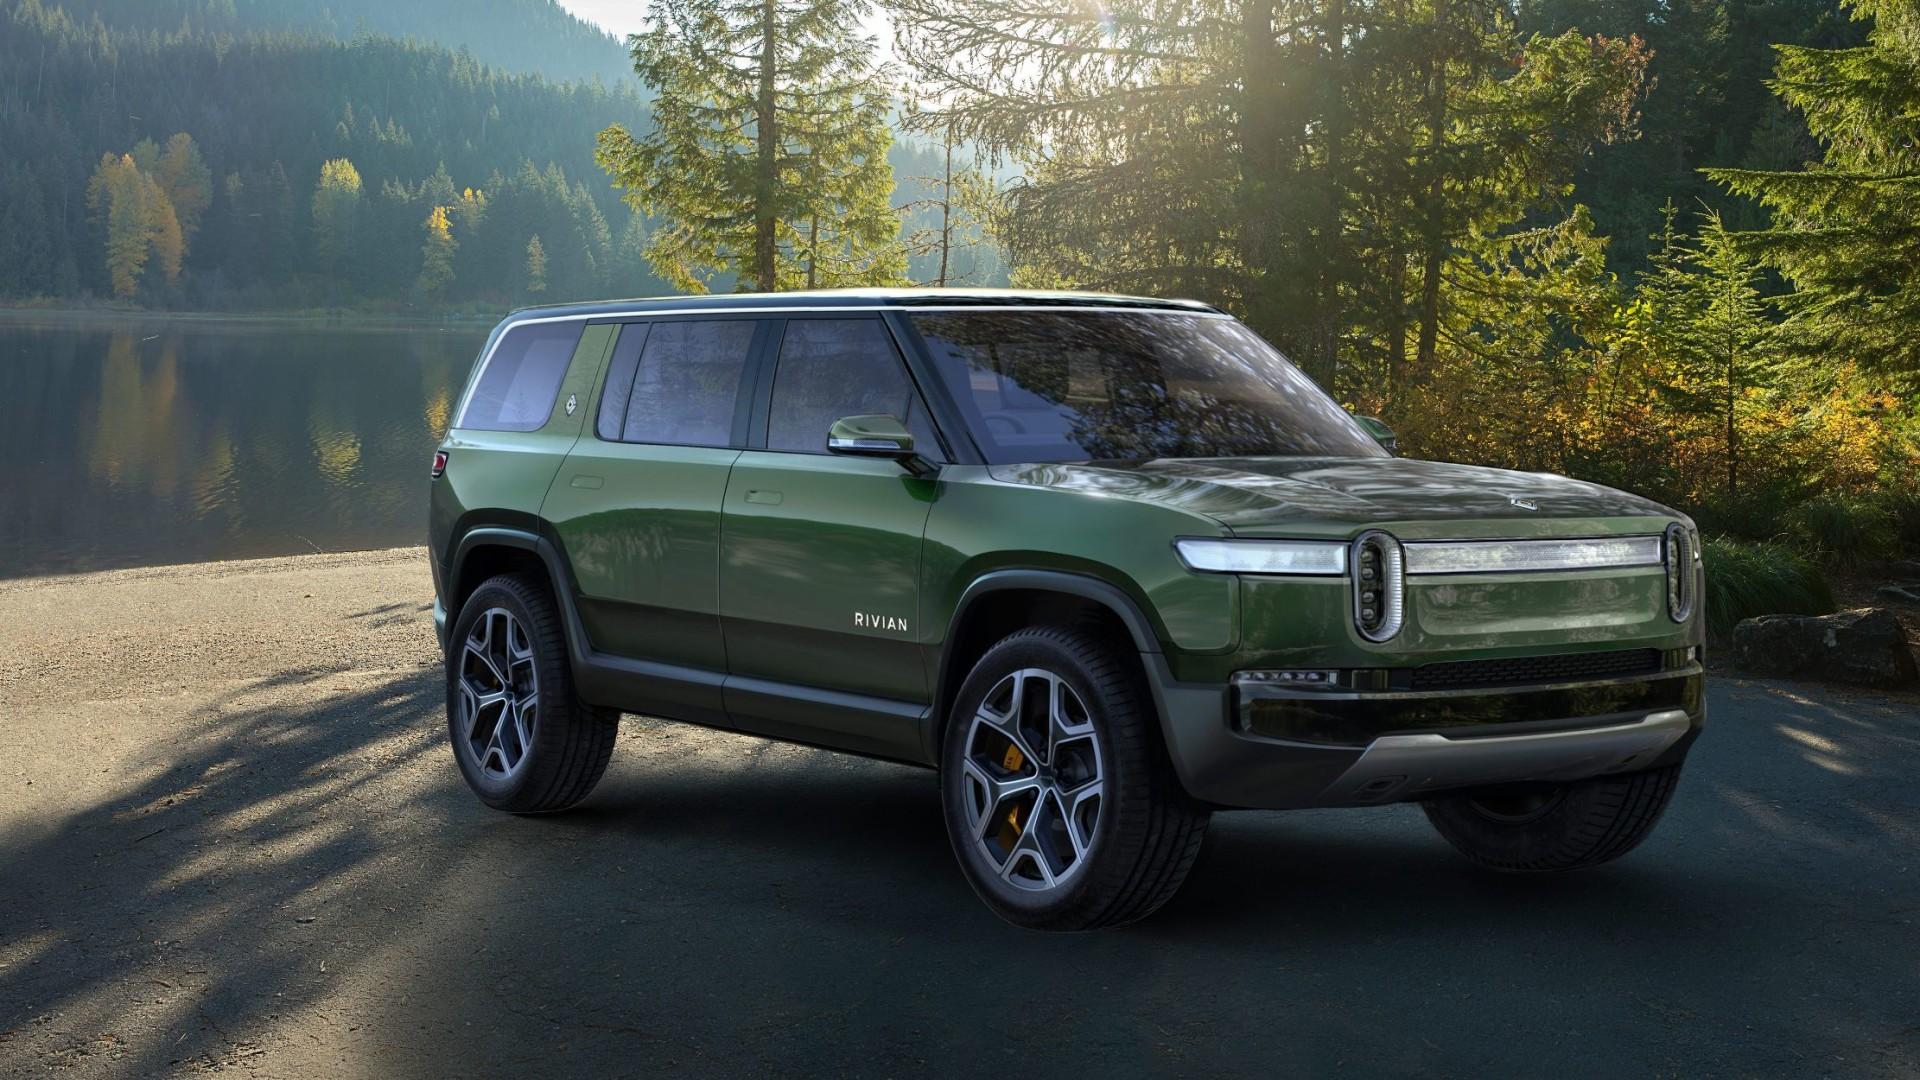 Ford blir storinvestor i Rivian-prosjektet - skal samarbeide om elektrisk kjøretøy